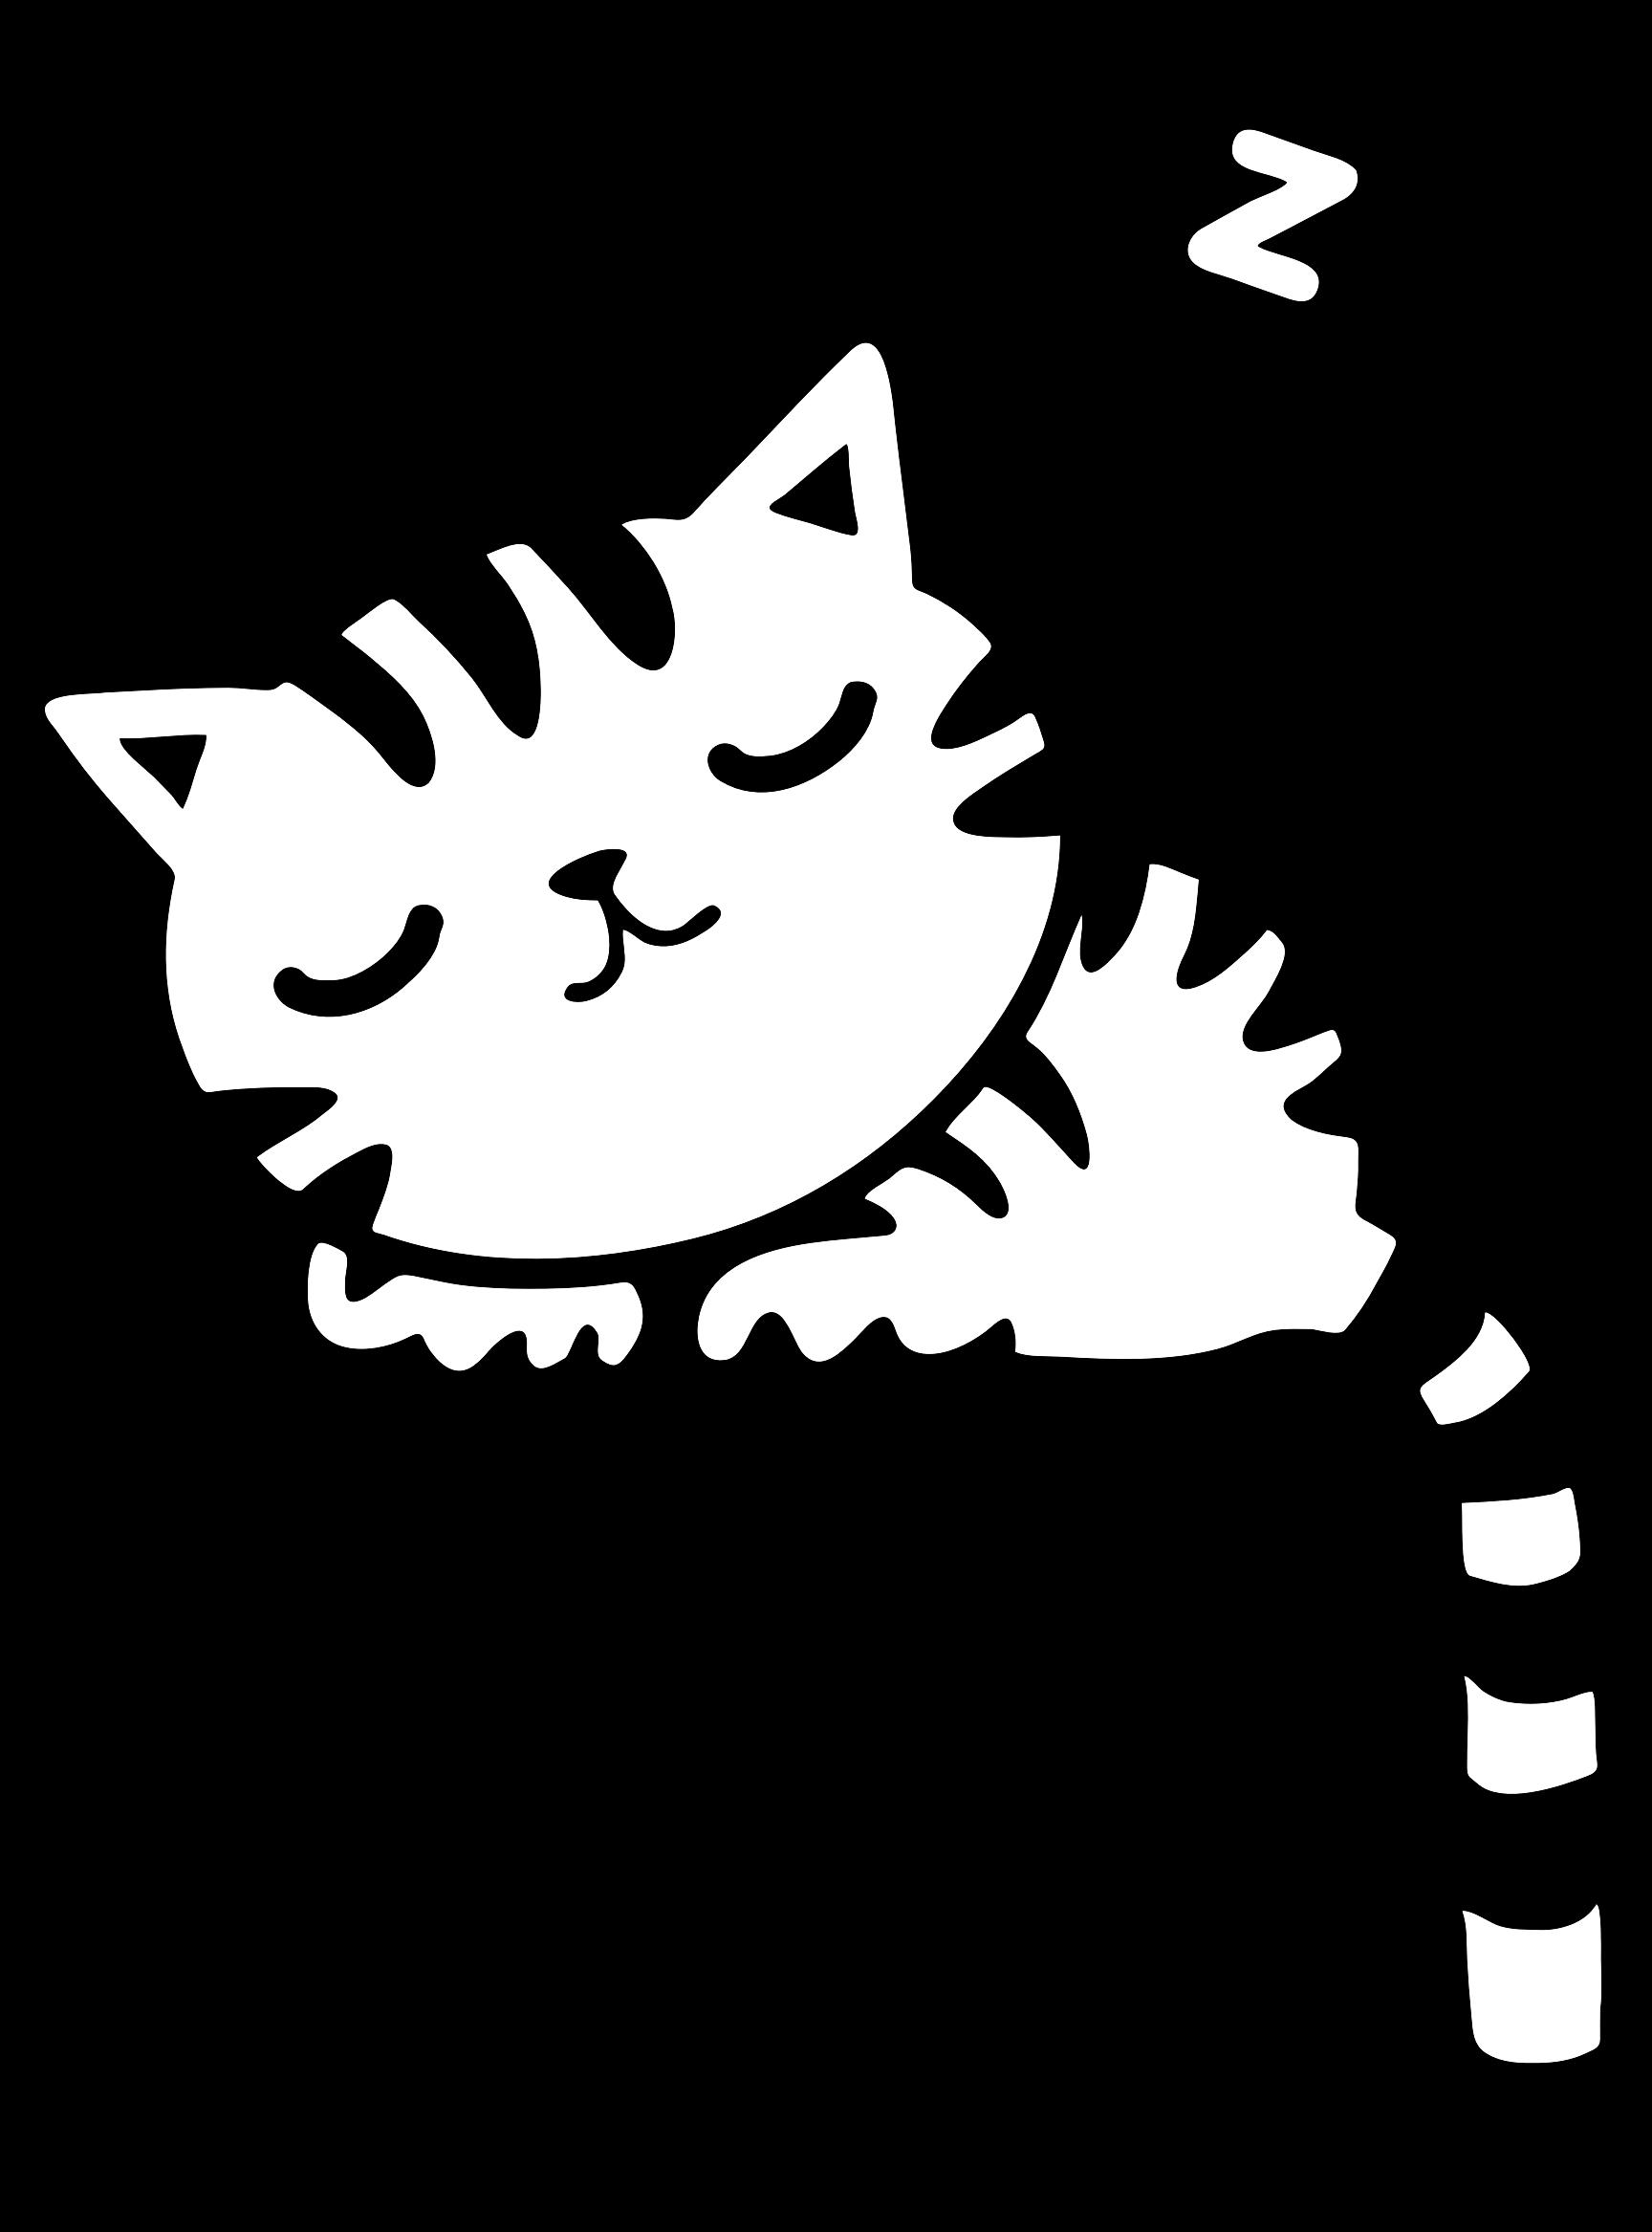 KITTENS clipart sleeping Clipart Kitty Clipart Sleeping Kitty